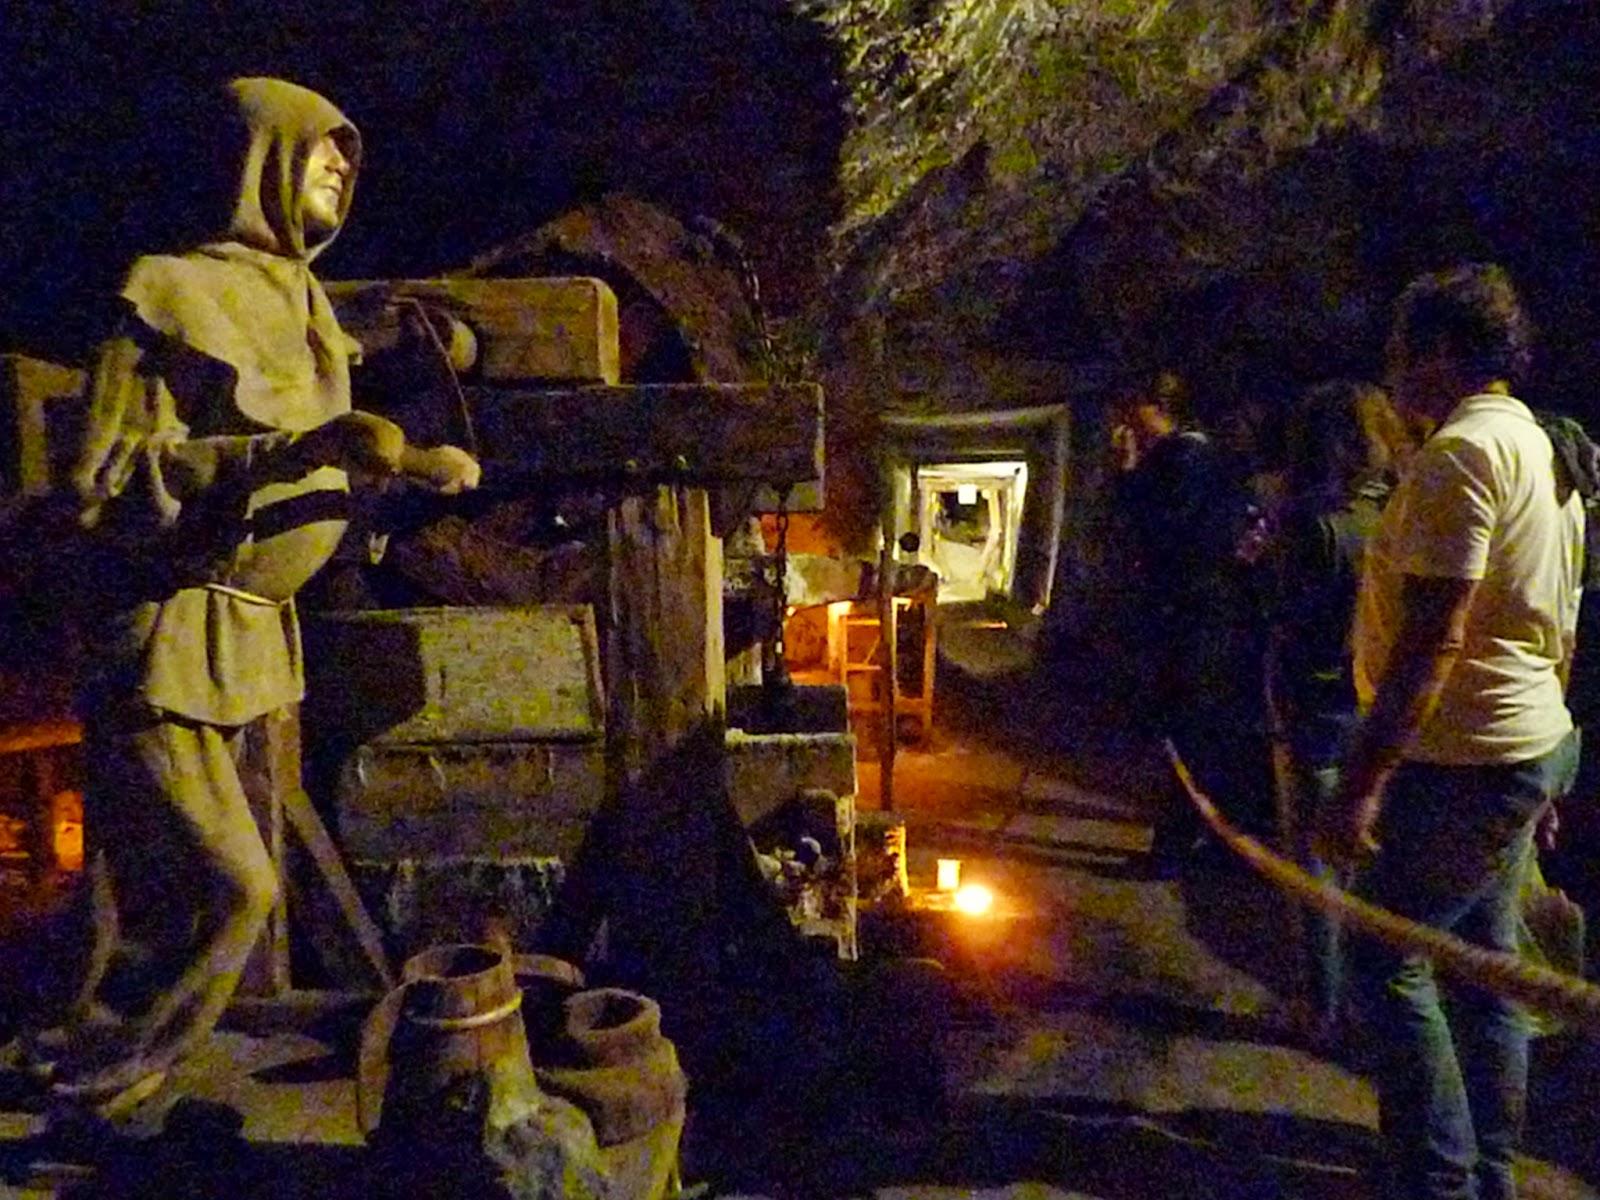 Esempio di rappresentazione tramite manichino del lavoro svolto dai minatori